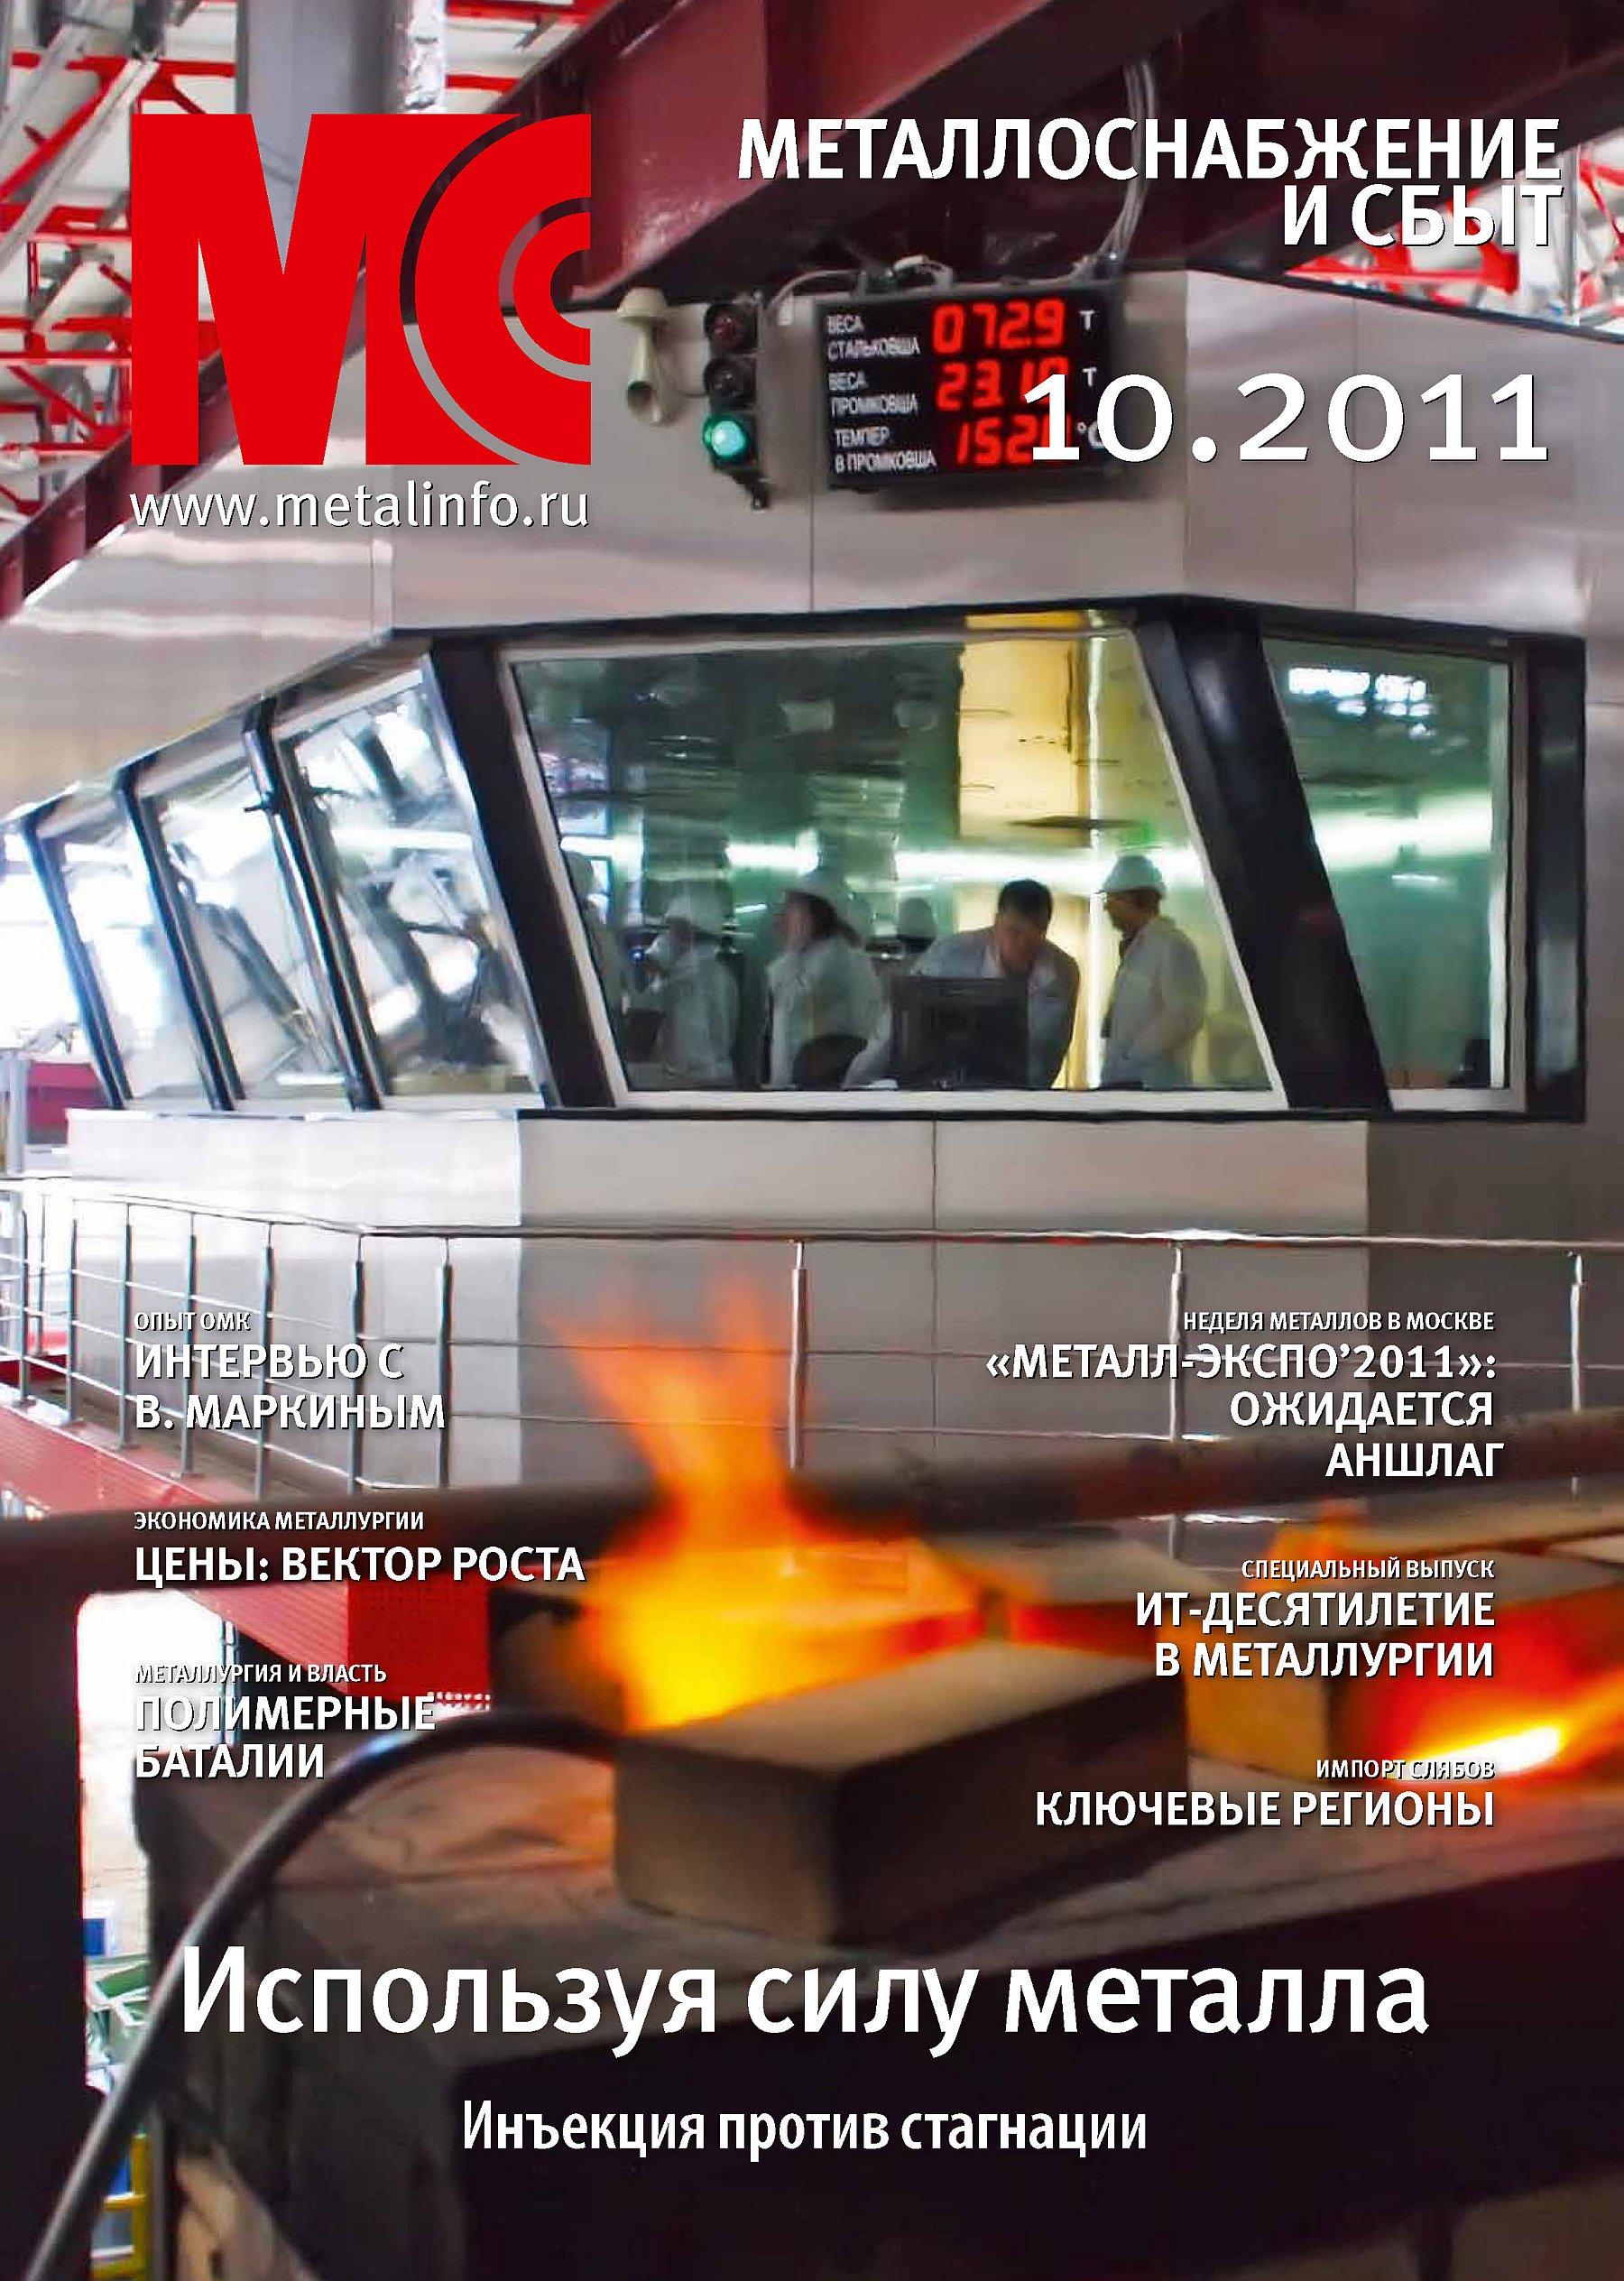 Отсутствует Металлоснабжение и сбыт №10/2011